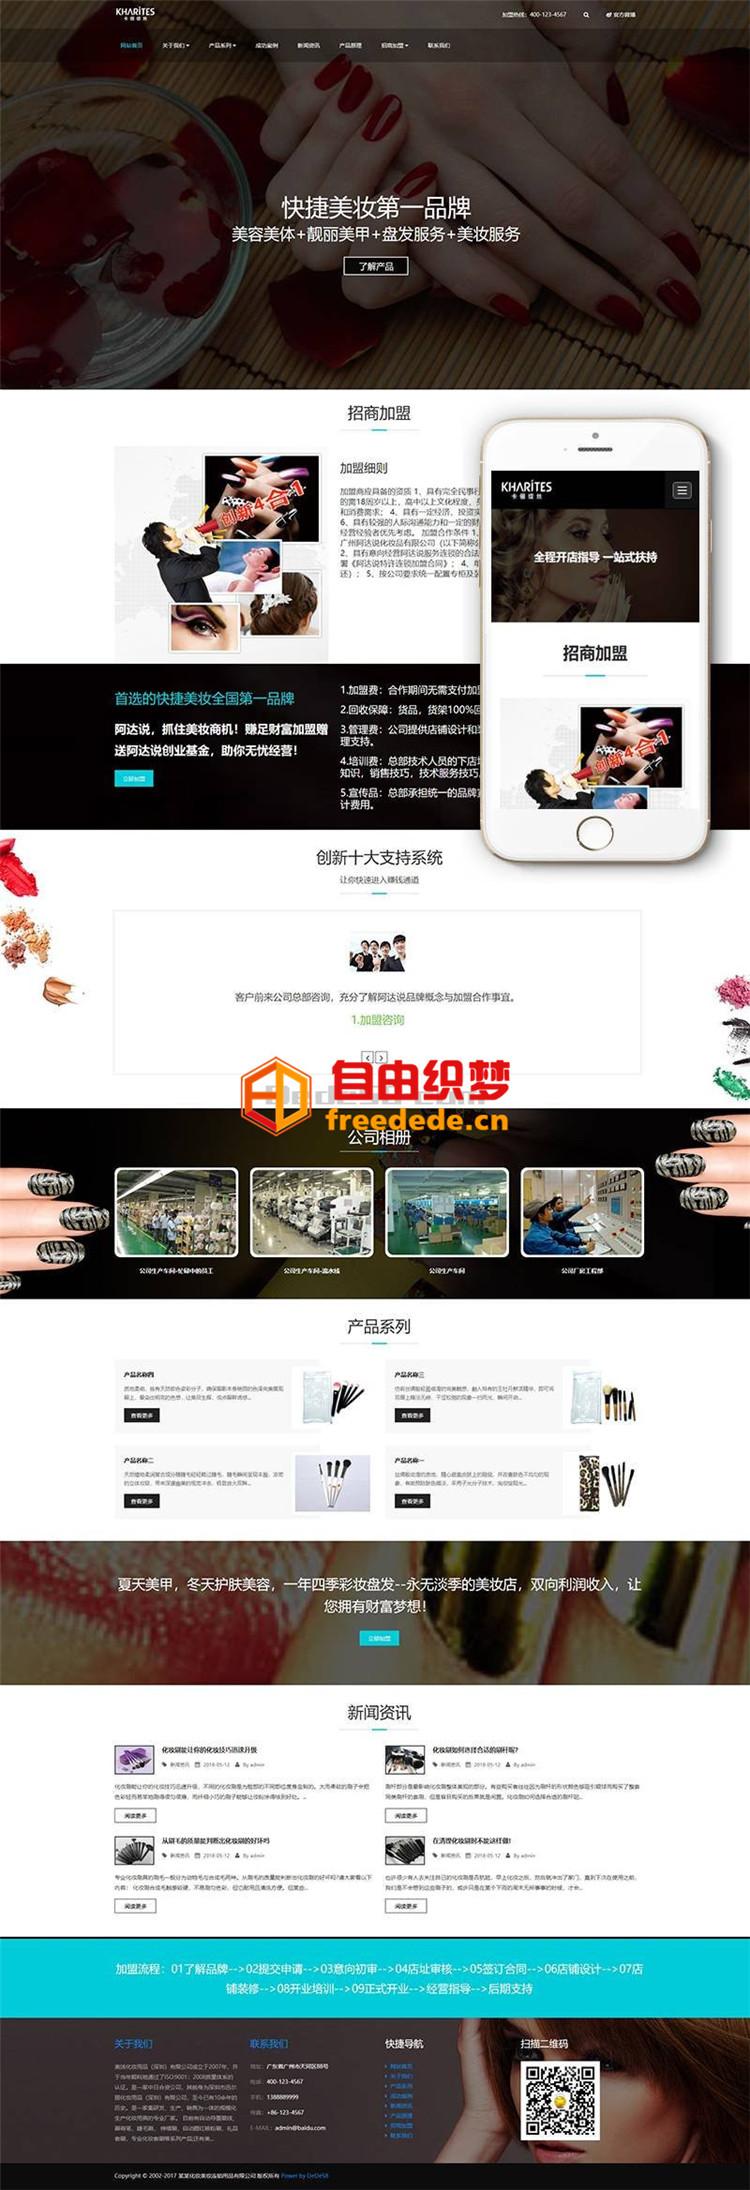 爱上源码网文章响应式美妆护肤连锁类网站织梦模板(自适应手机端)营销型网站模板的内容插图